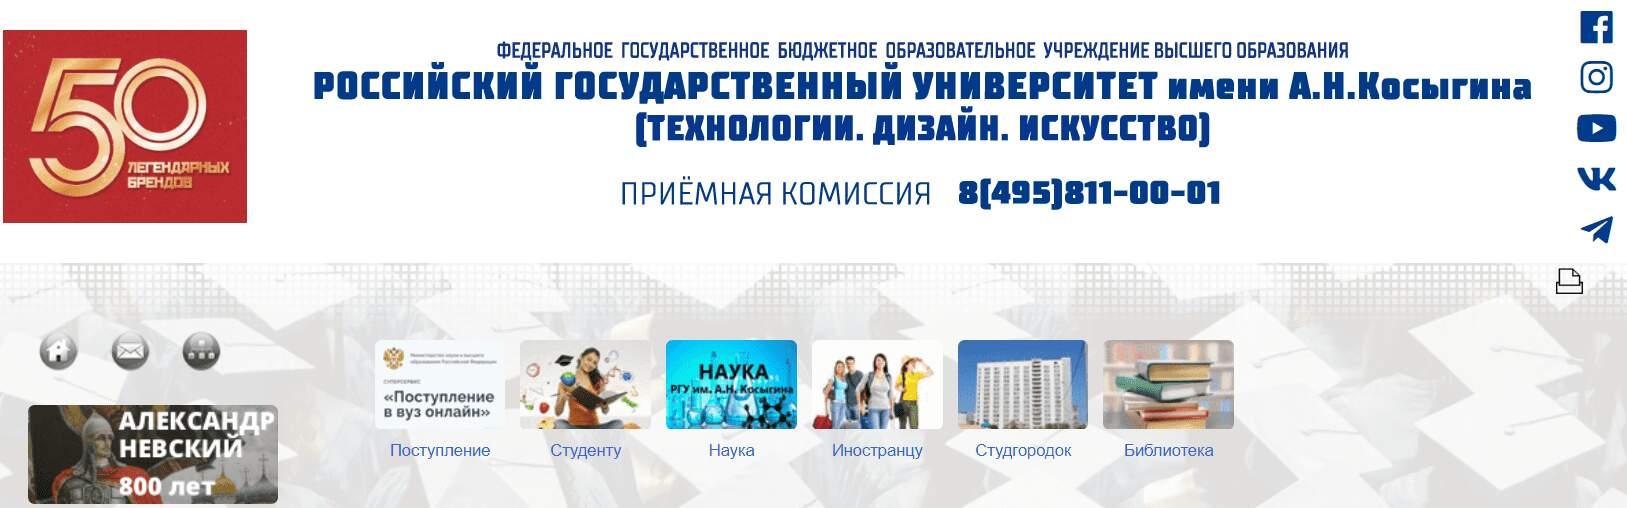 Официальный сайт РГУ им. А.Н. Косыгина